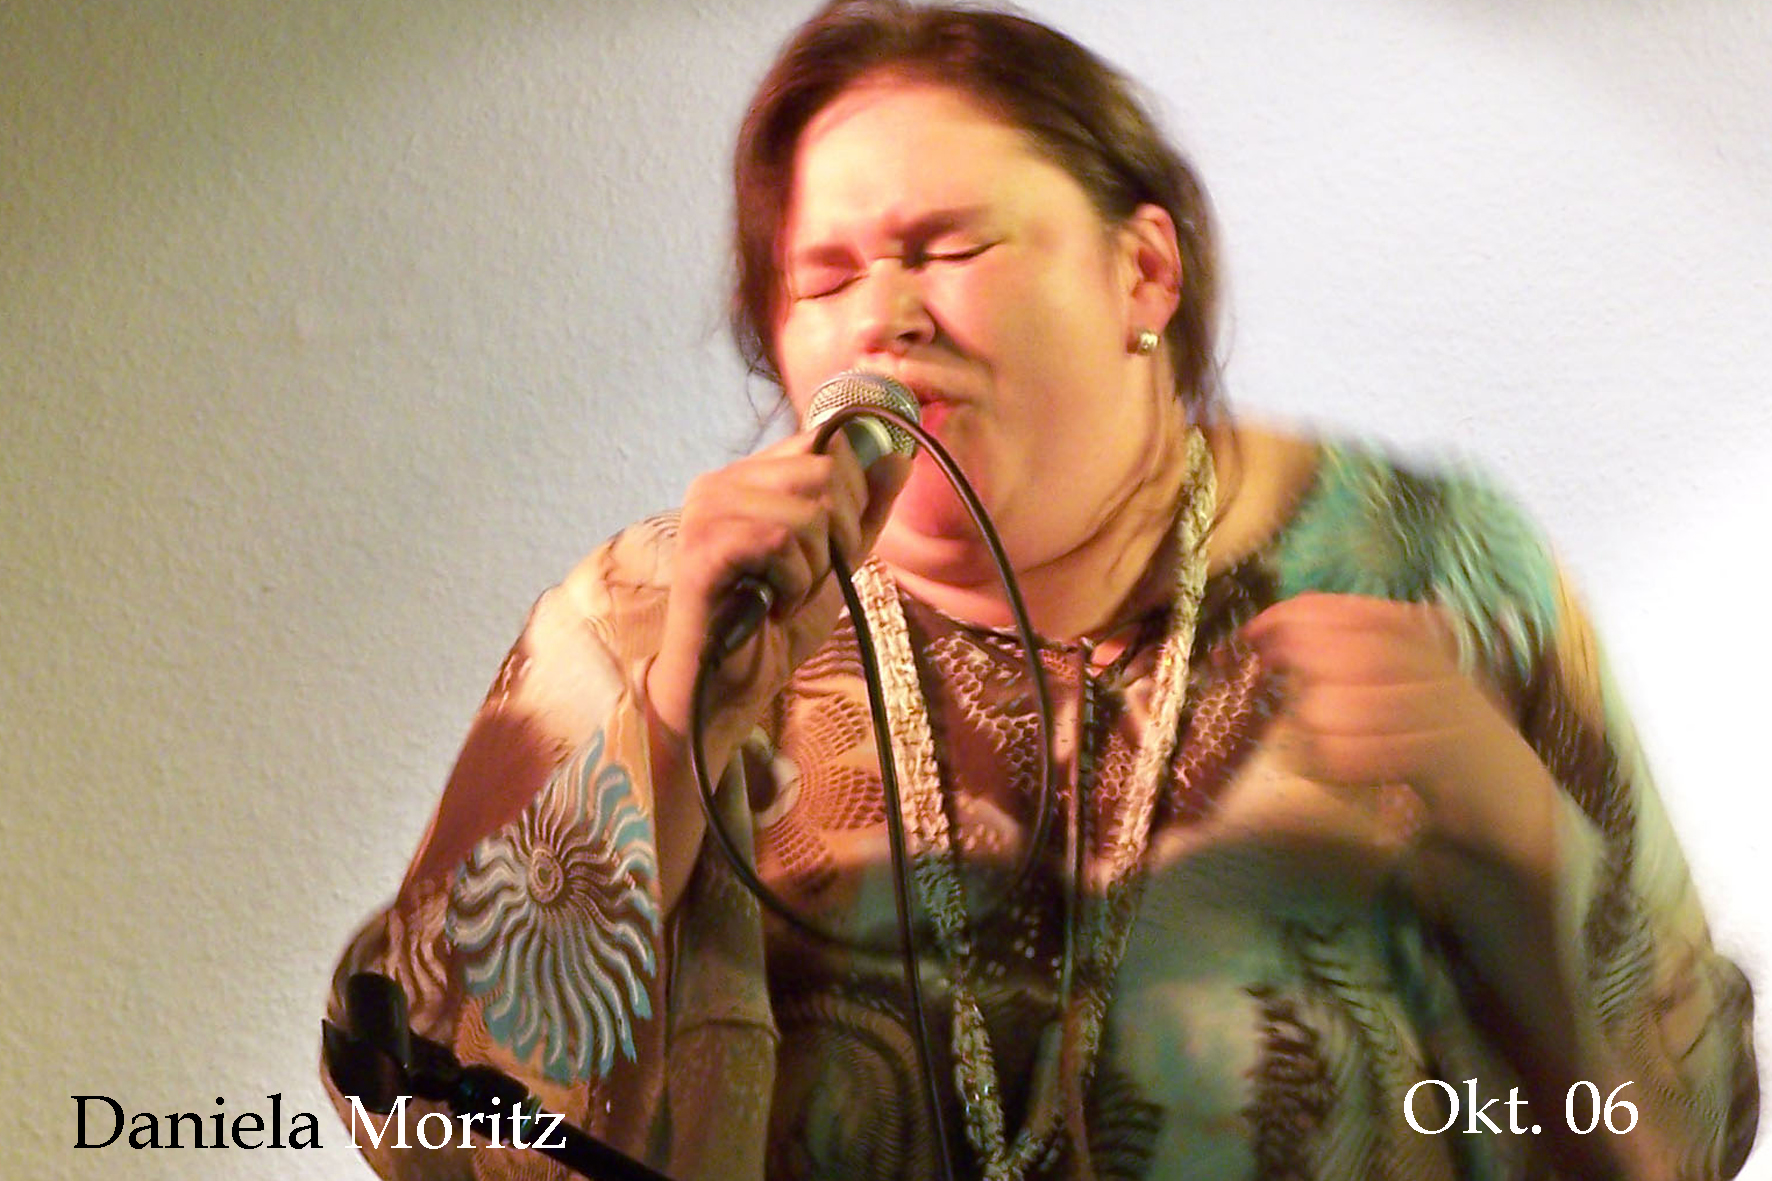 Daniela Moritz